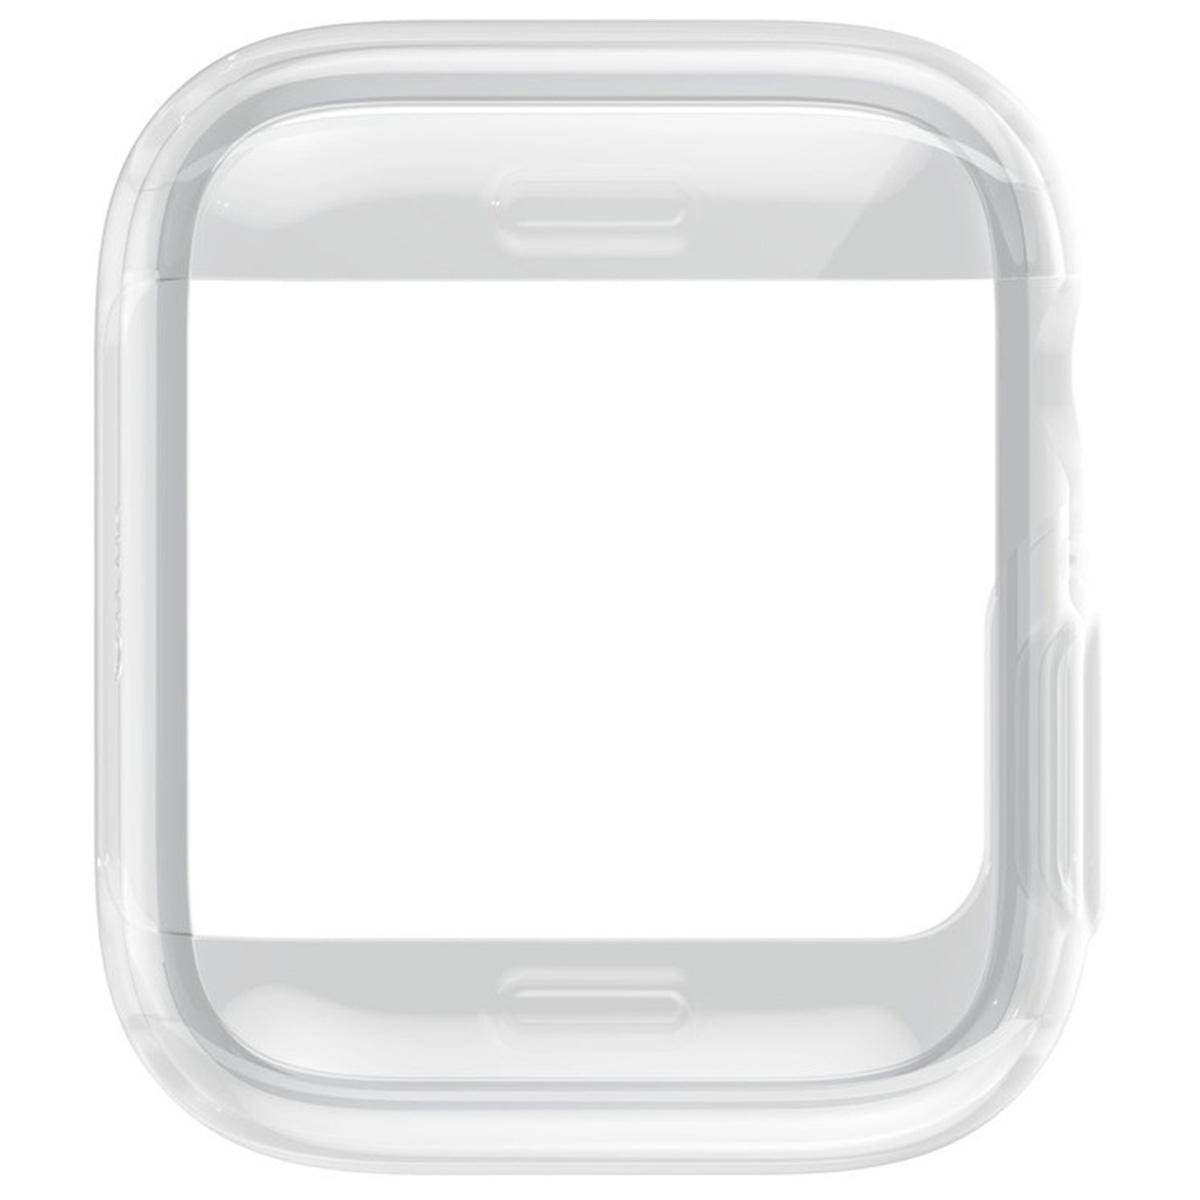 کاور یونیک مدل GARCLR مناسب برای اپل واچ 44 میلی متری              ( قیمت و خرید)